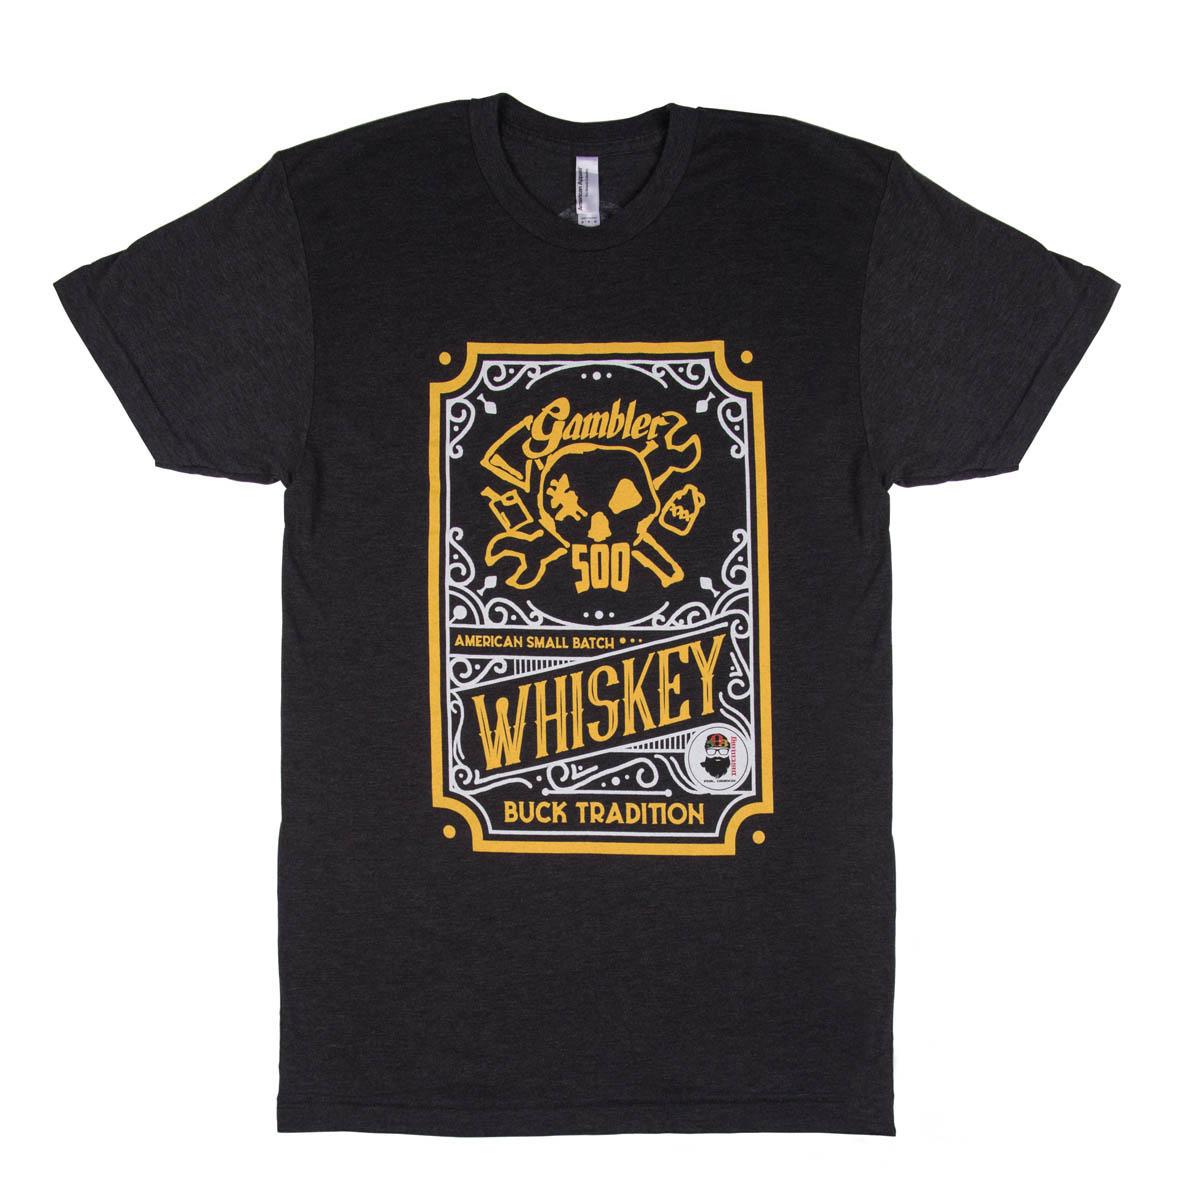 Gambler 500 T-shirt